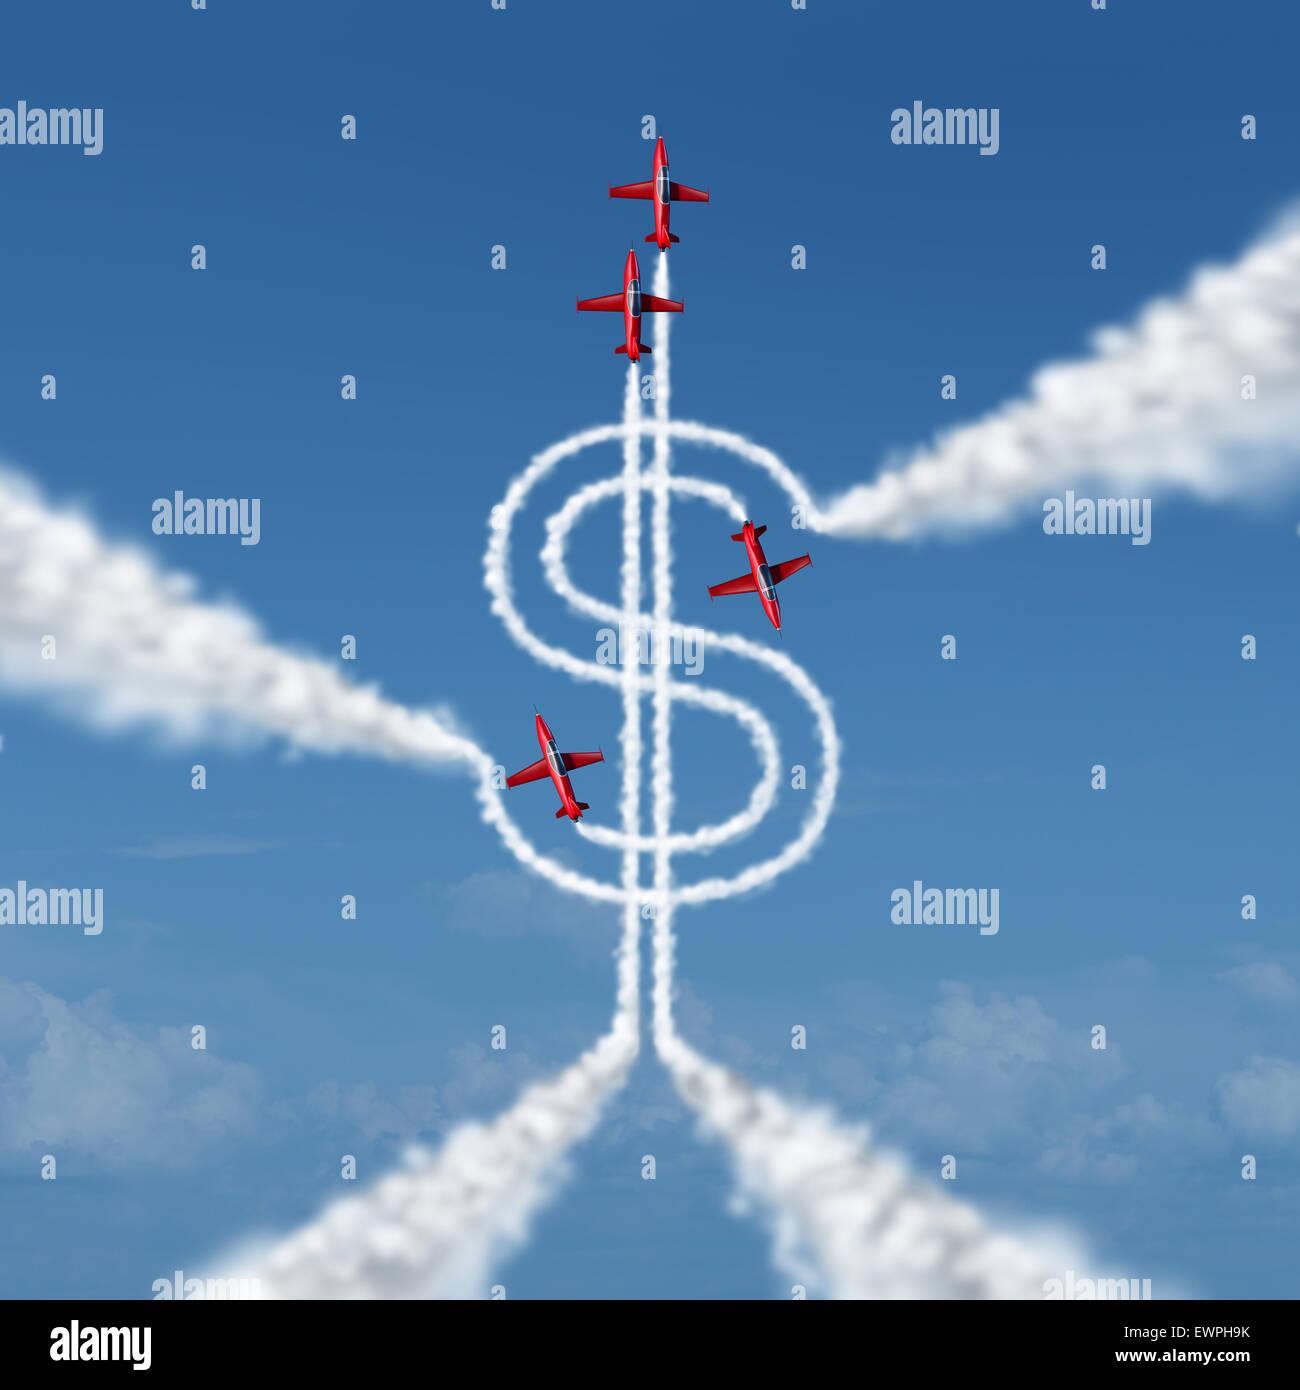 Dinero logro concepto como un grupo de aviones acrobáticos en un airshowor aviones volando en el cielo creando Imagen De Stock